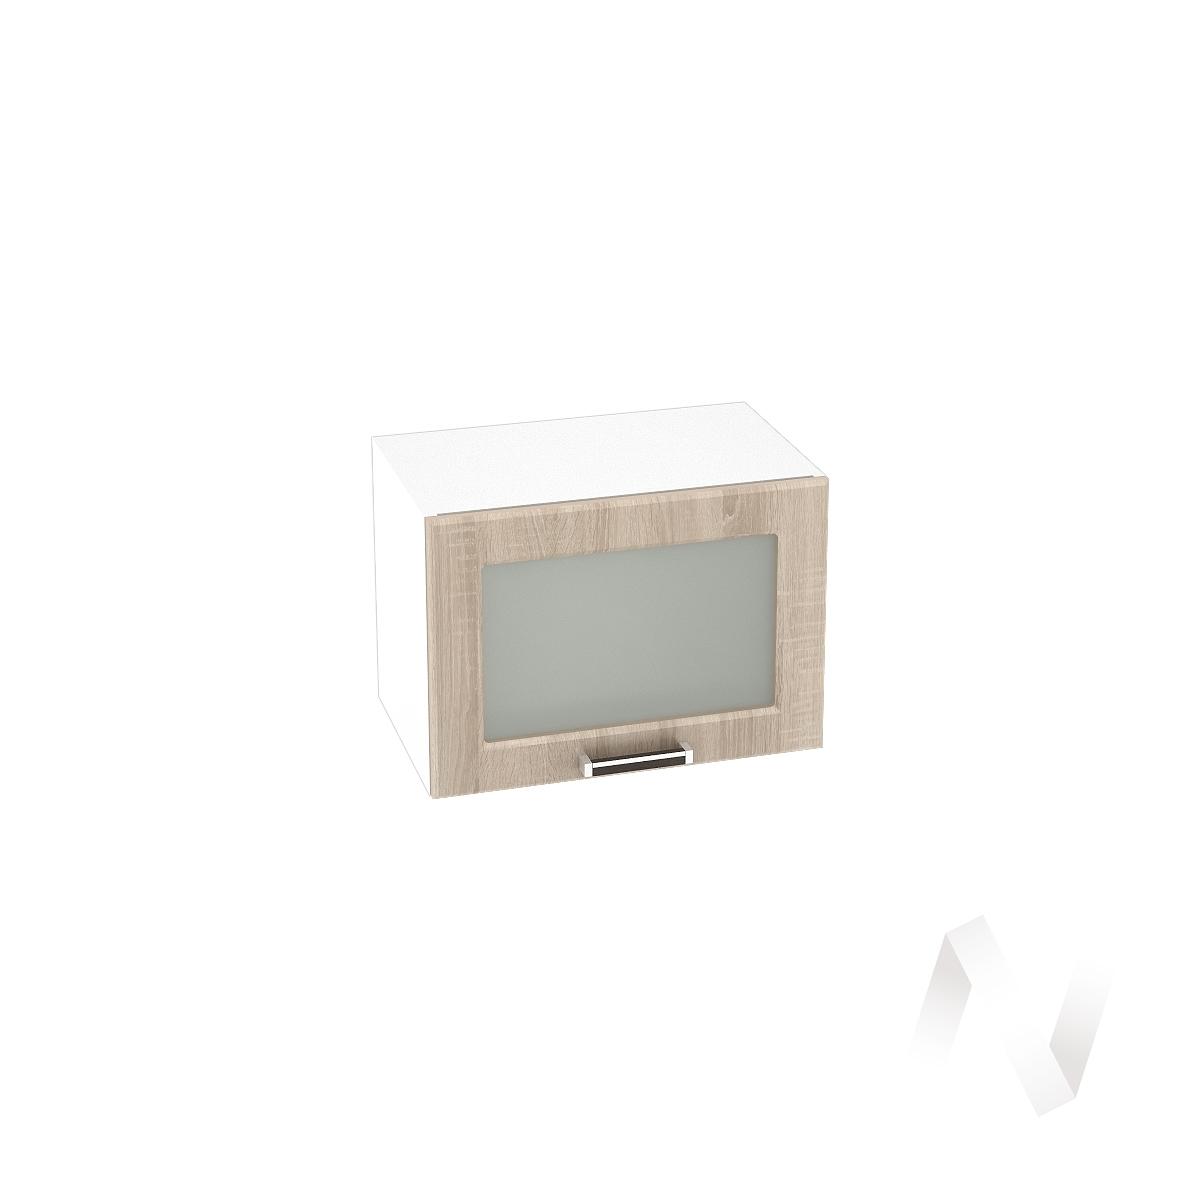 """Купить кухня """"прага"""": шкаф верхний горизонтальный со стеклом 500, швгс 500 (дуб сонома/корпус белый) в Новосибирске в интернет-магазине Мебель плюс Техника"""